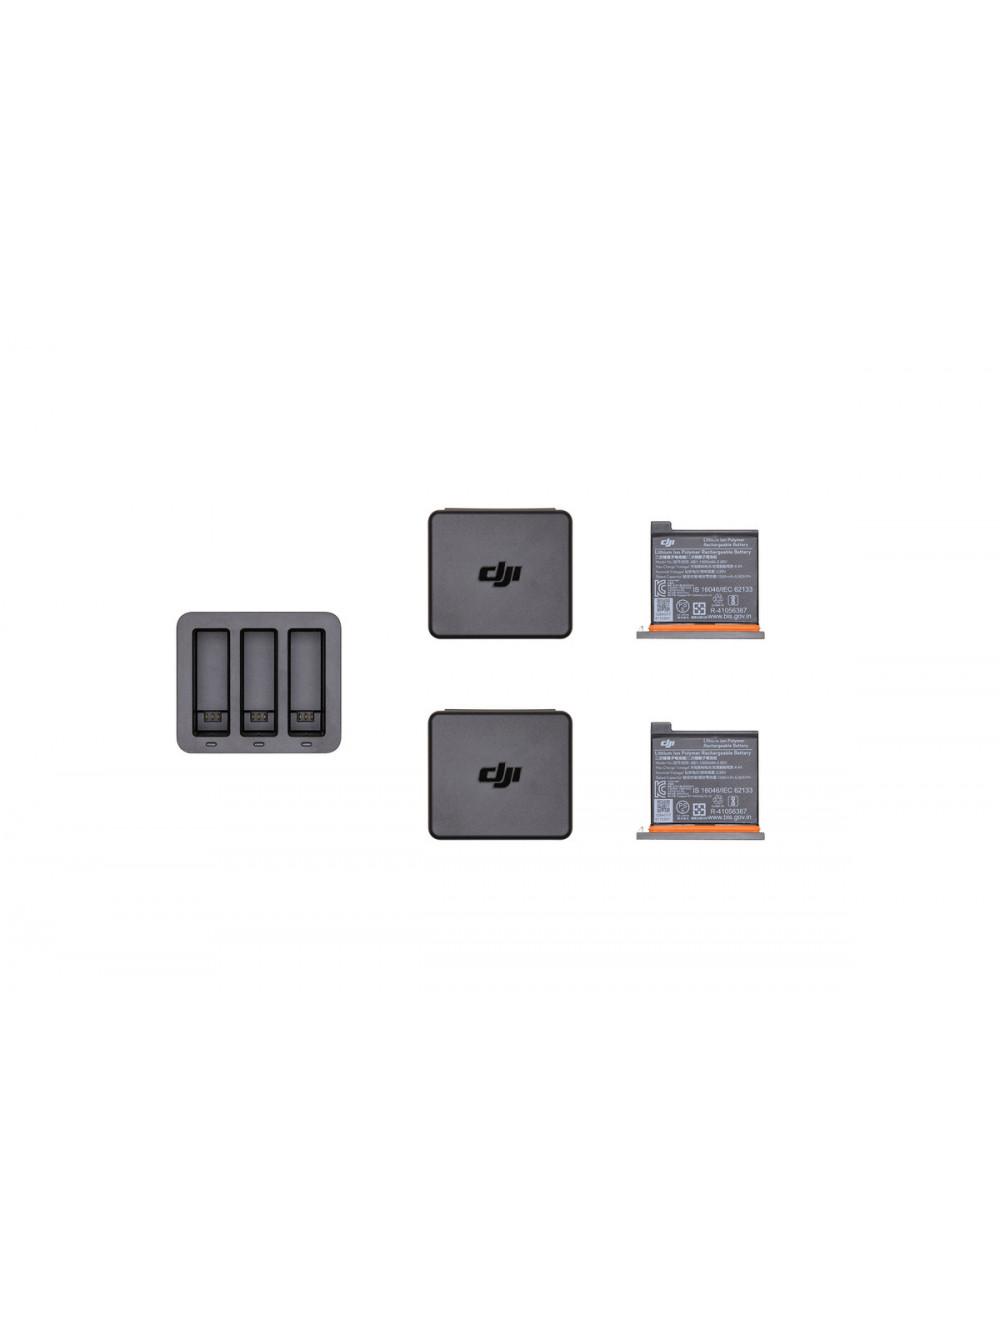 Комбо комплект DJI Osmo Action (хаб с двумя аккумуляторами)